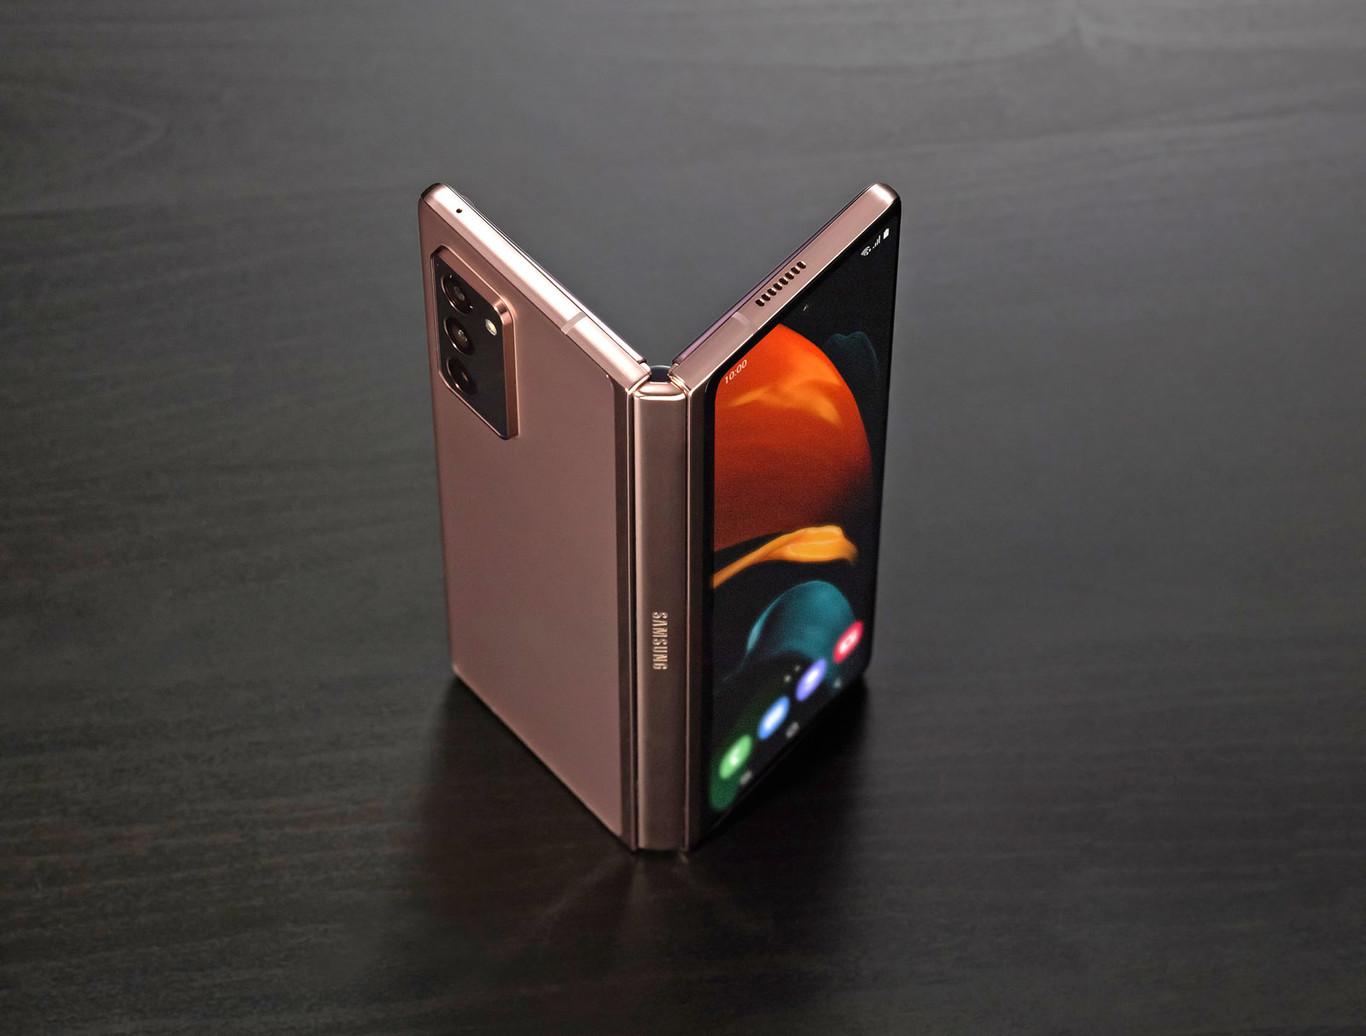 Nuevo Samsung Galaxy Z Fold 2: características, precio y ficha técnica.